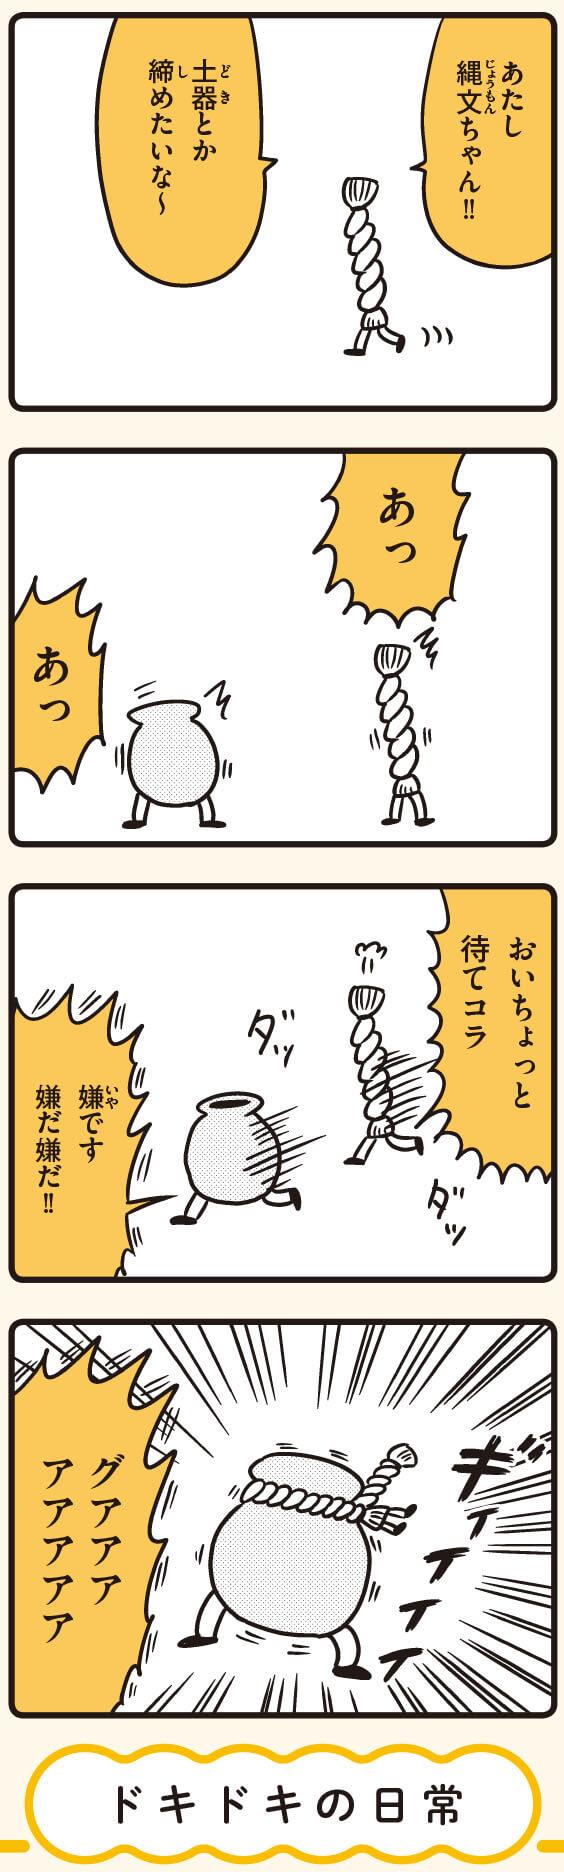 009-034-ゆる4-歴史01章.indd